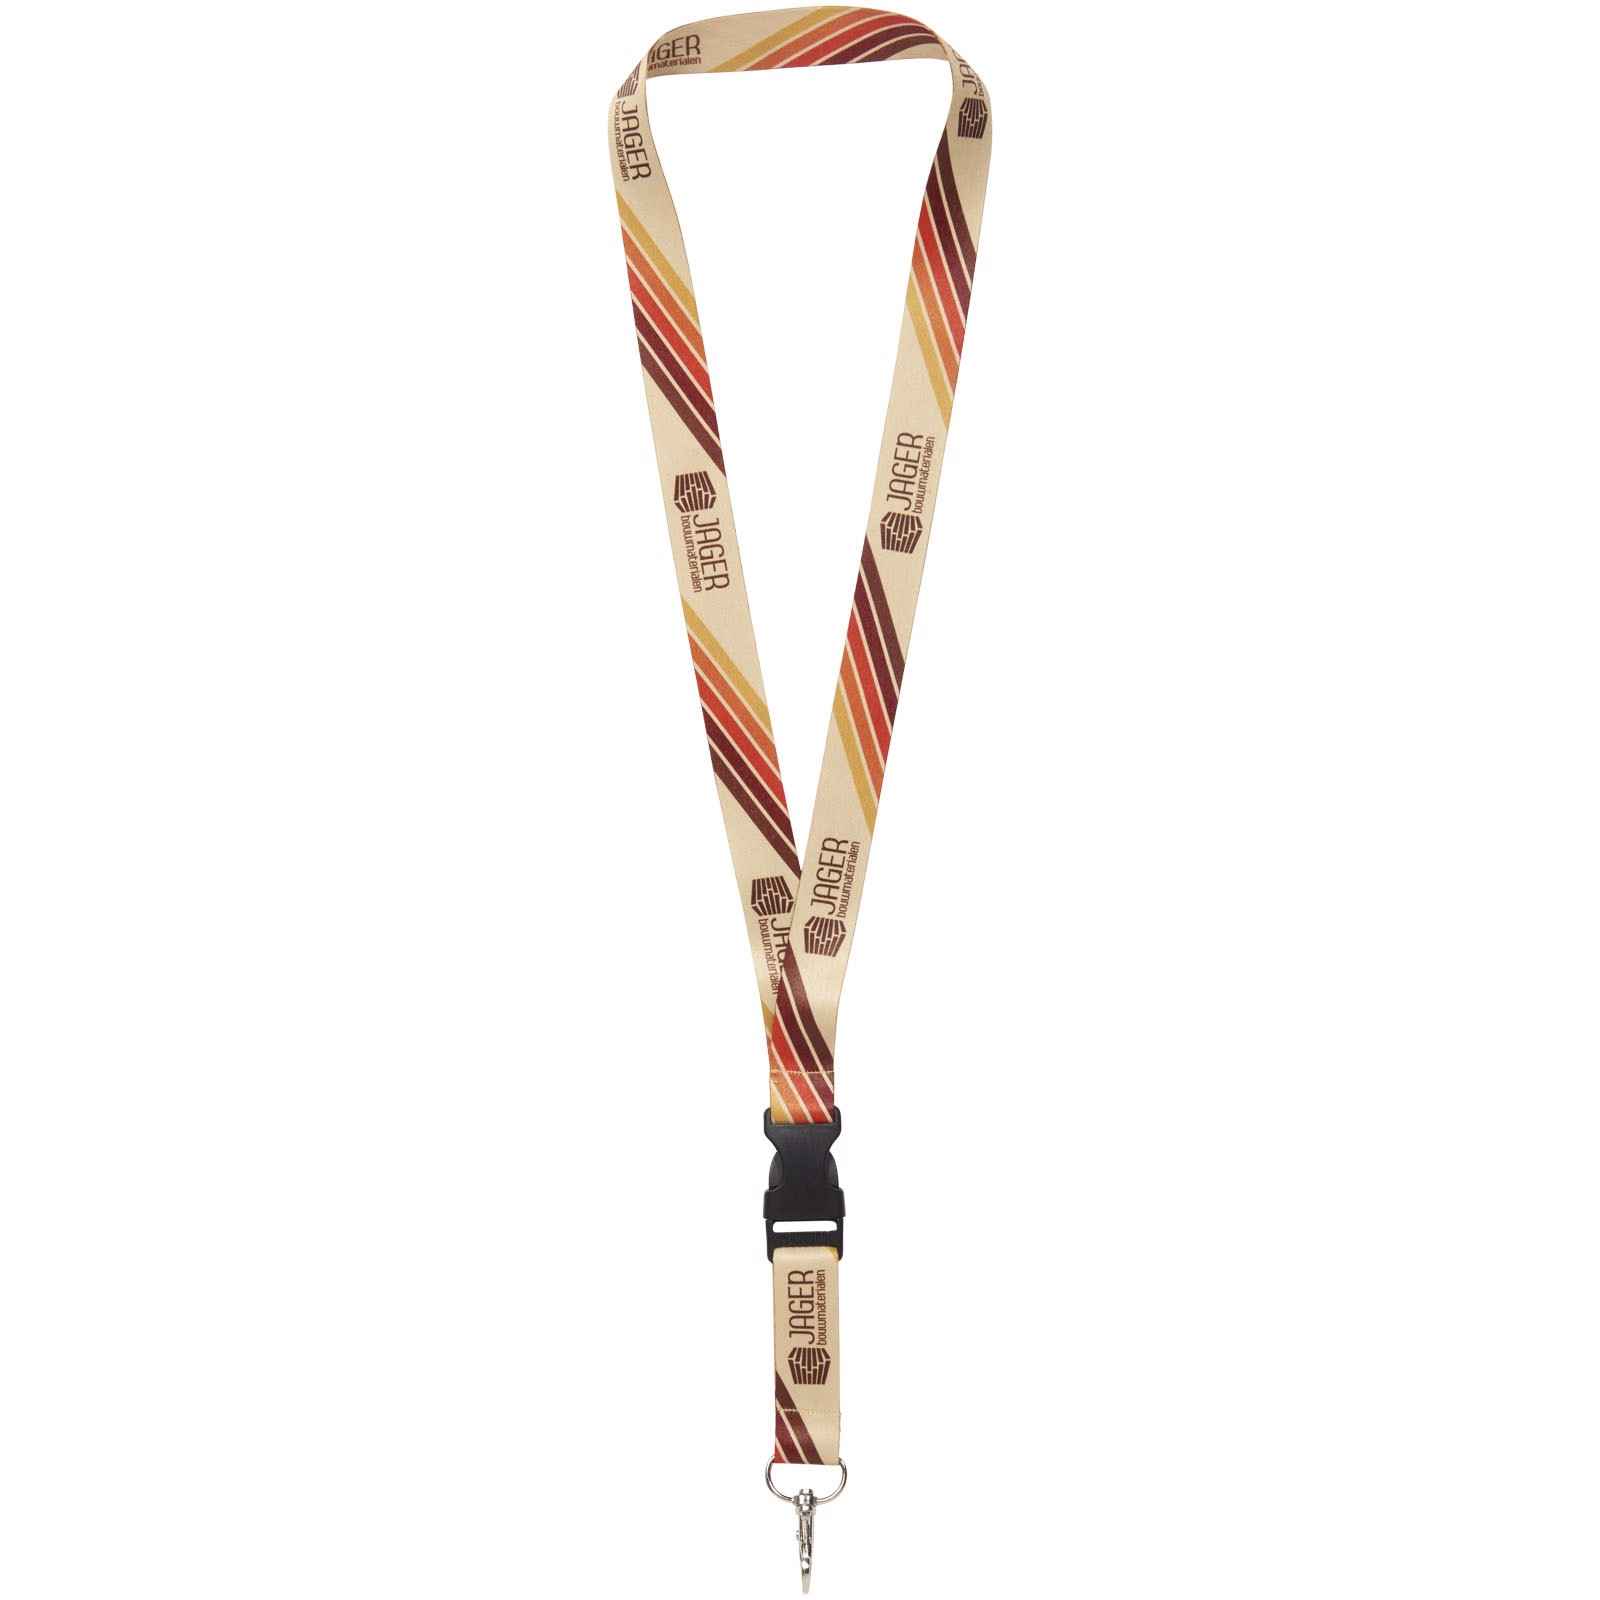 Bucks plnobarevný lanyard - oboustranný - Bílá / 10mm